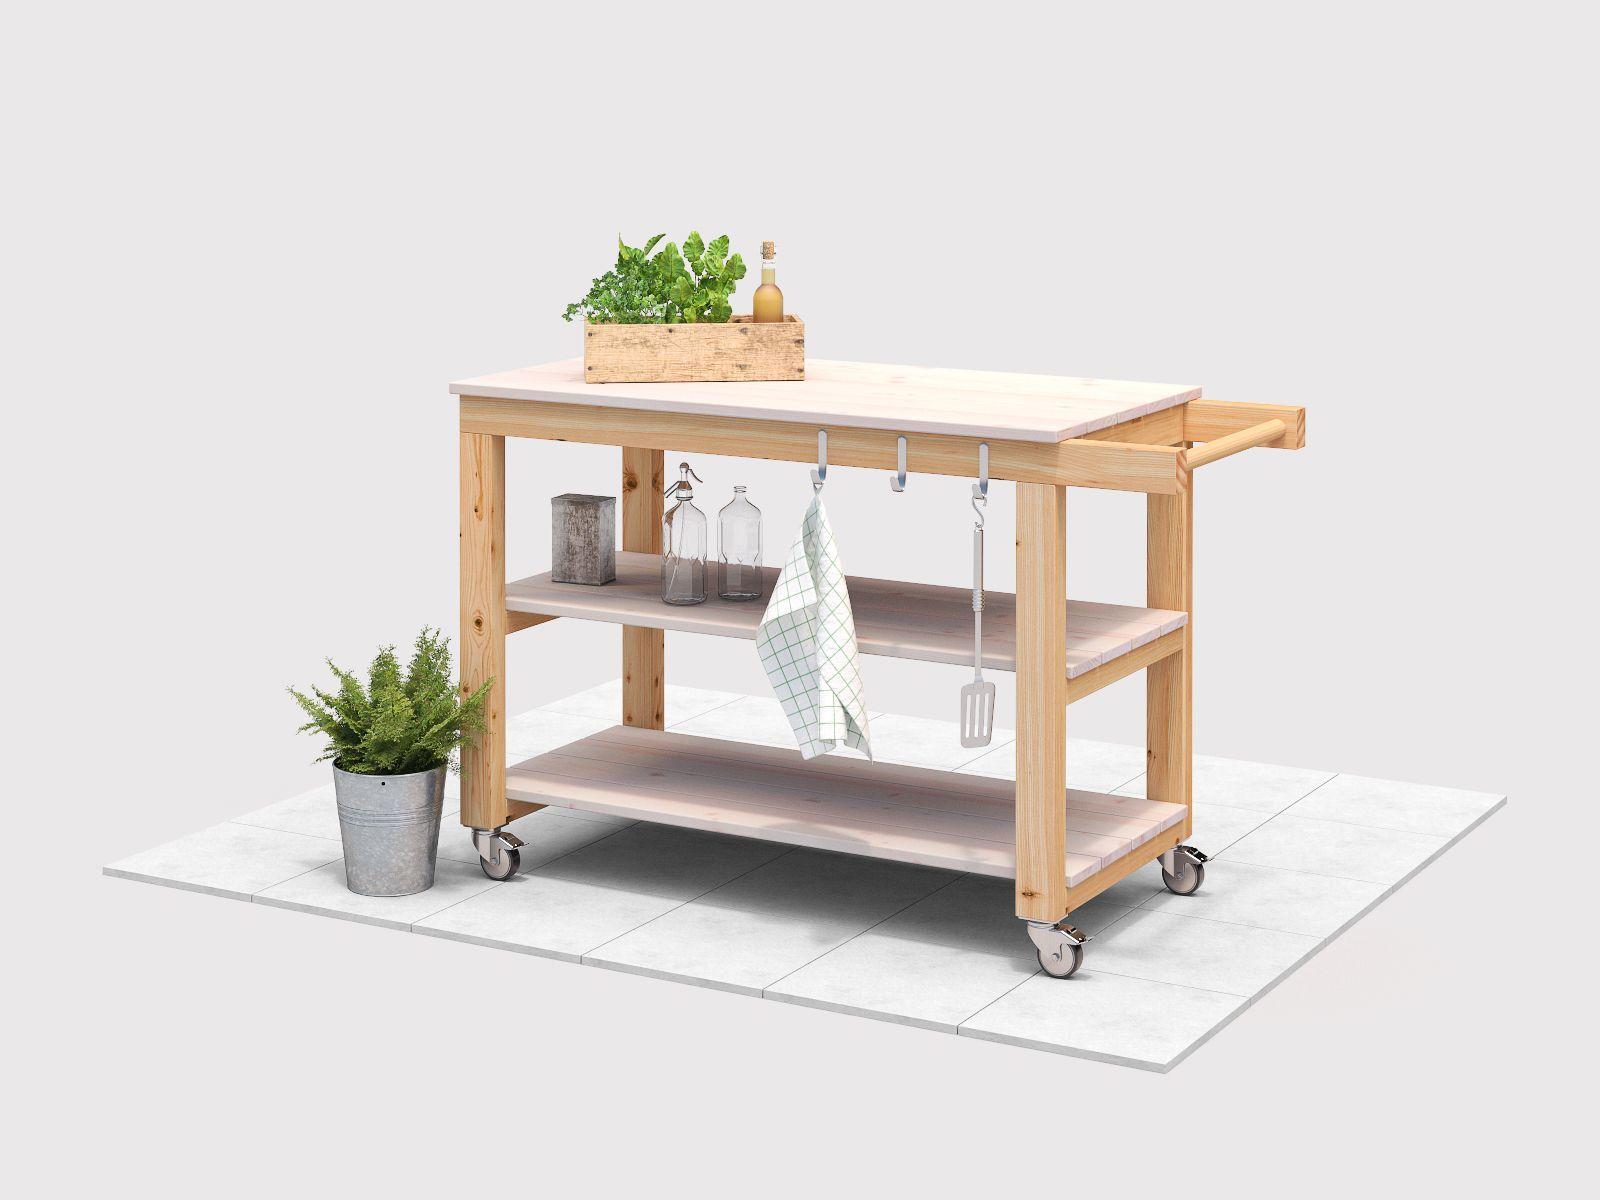 Outdoorküche Mit Spüle Obi : Servierwagen sophie selber bauen gartenmöbel obi möbelbau